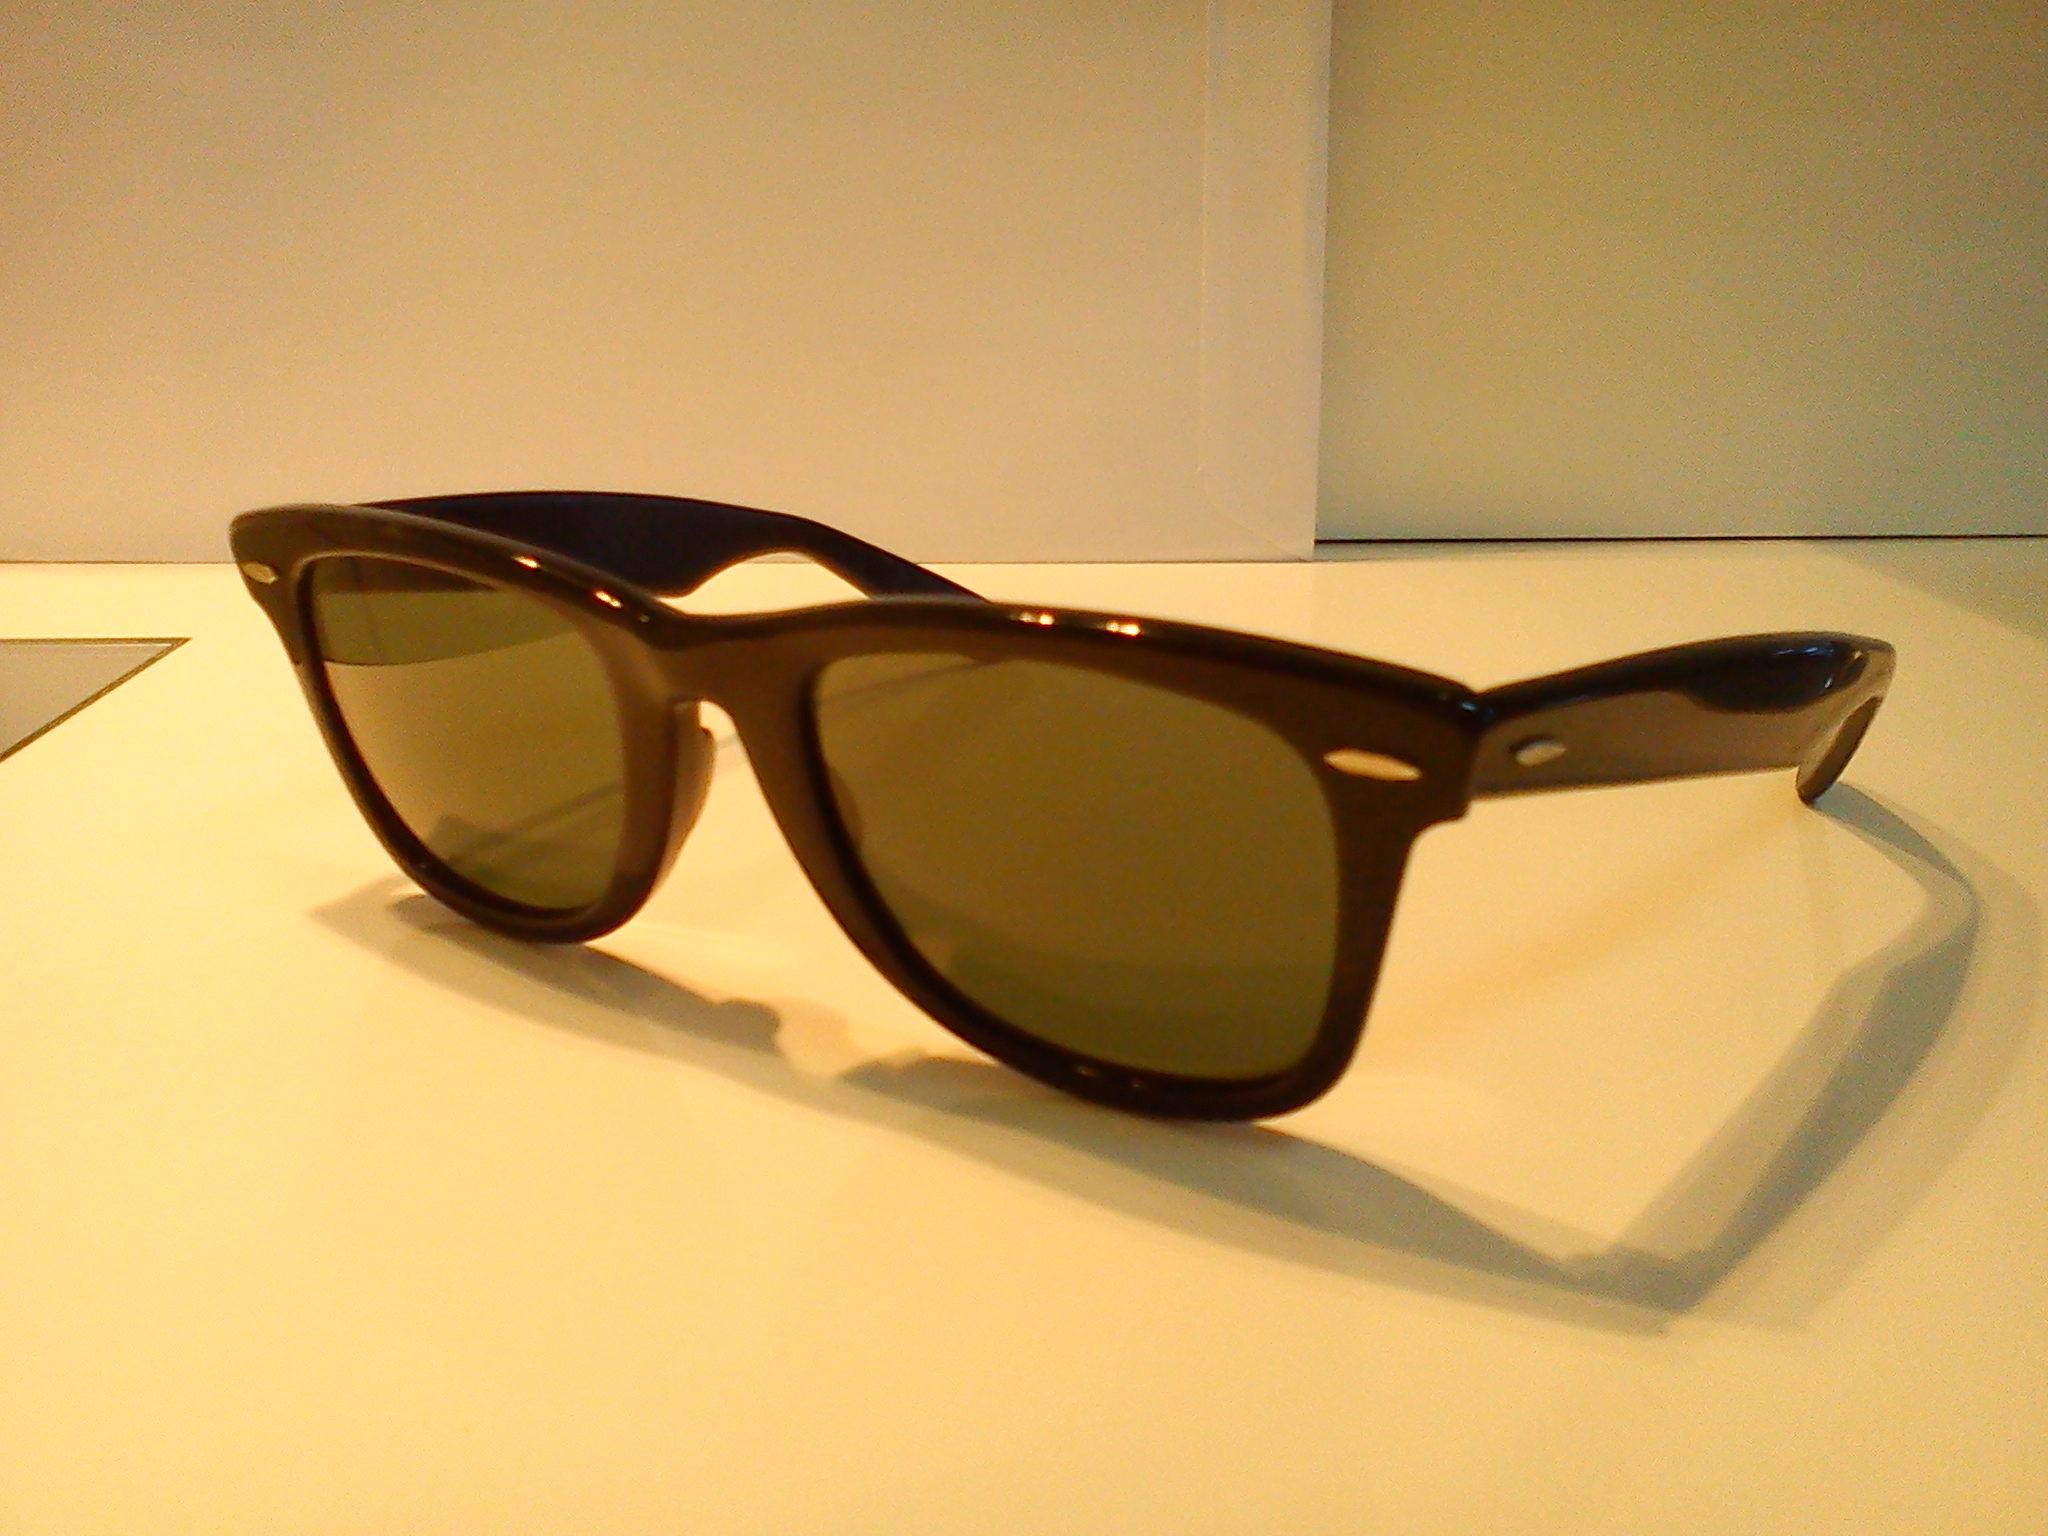 99e67d6870 Te informamos de cómo arreglar gafas de pasta o metal rotas ...